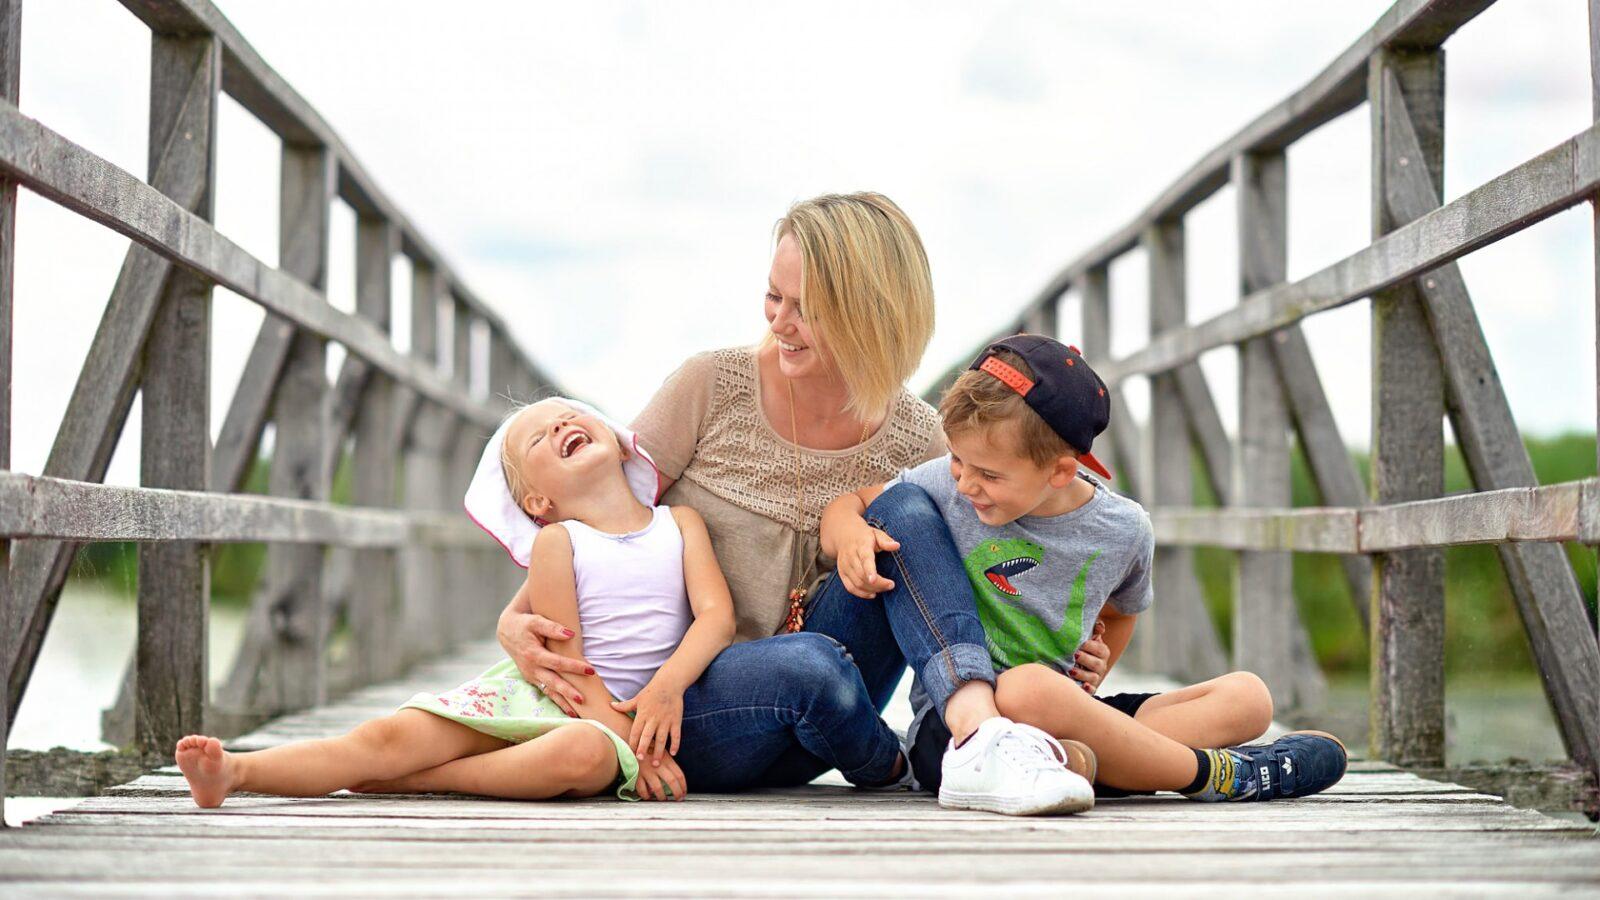 Основы поведения для укрепления связи с ребенком - 10